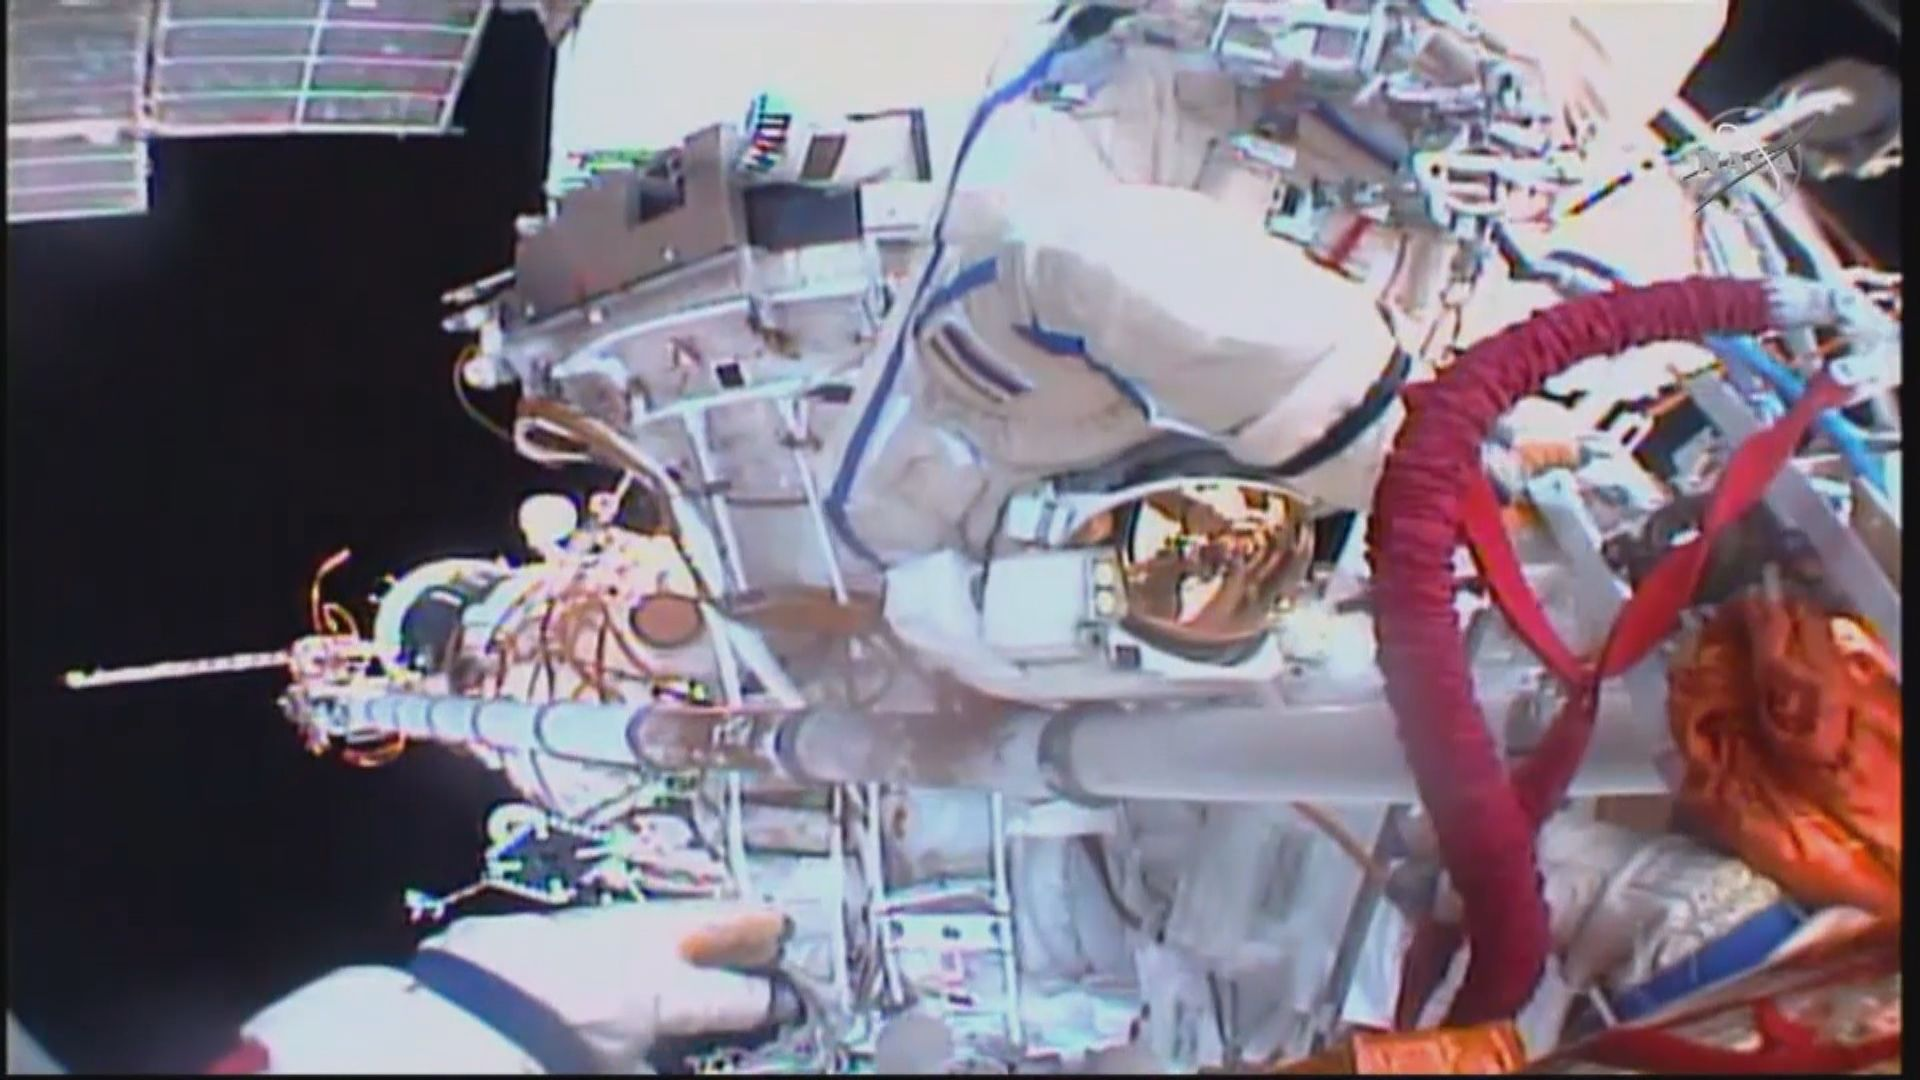 【環球薈報】太空人出艙漫步取樣調查破損原因